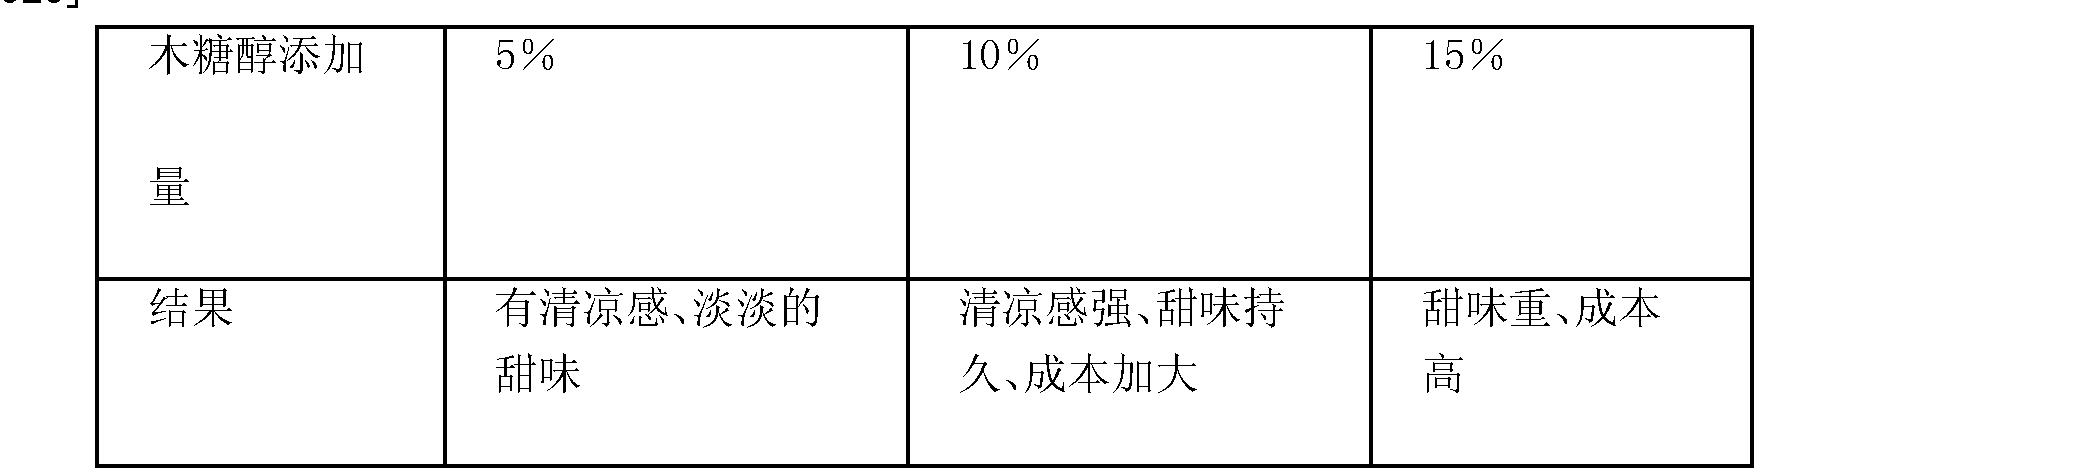 Figure CN101785511BD00052